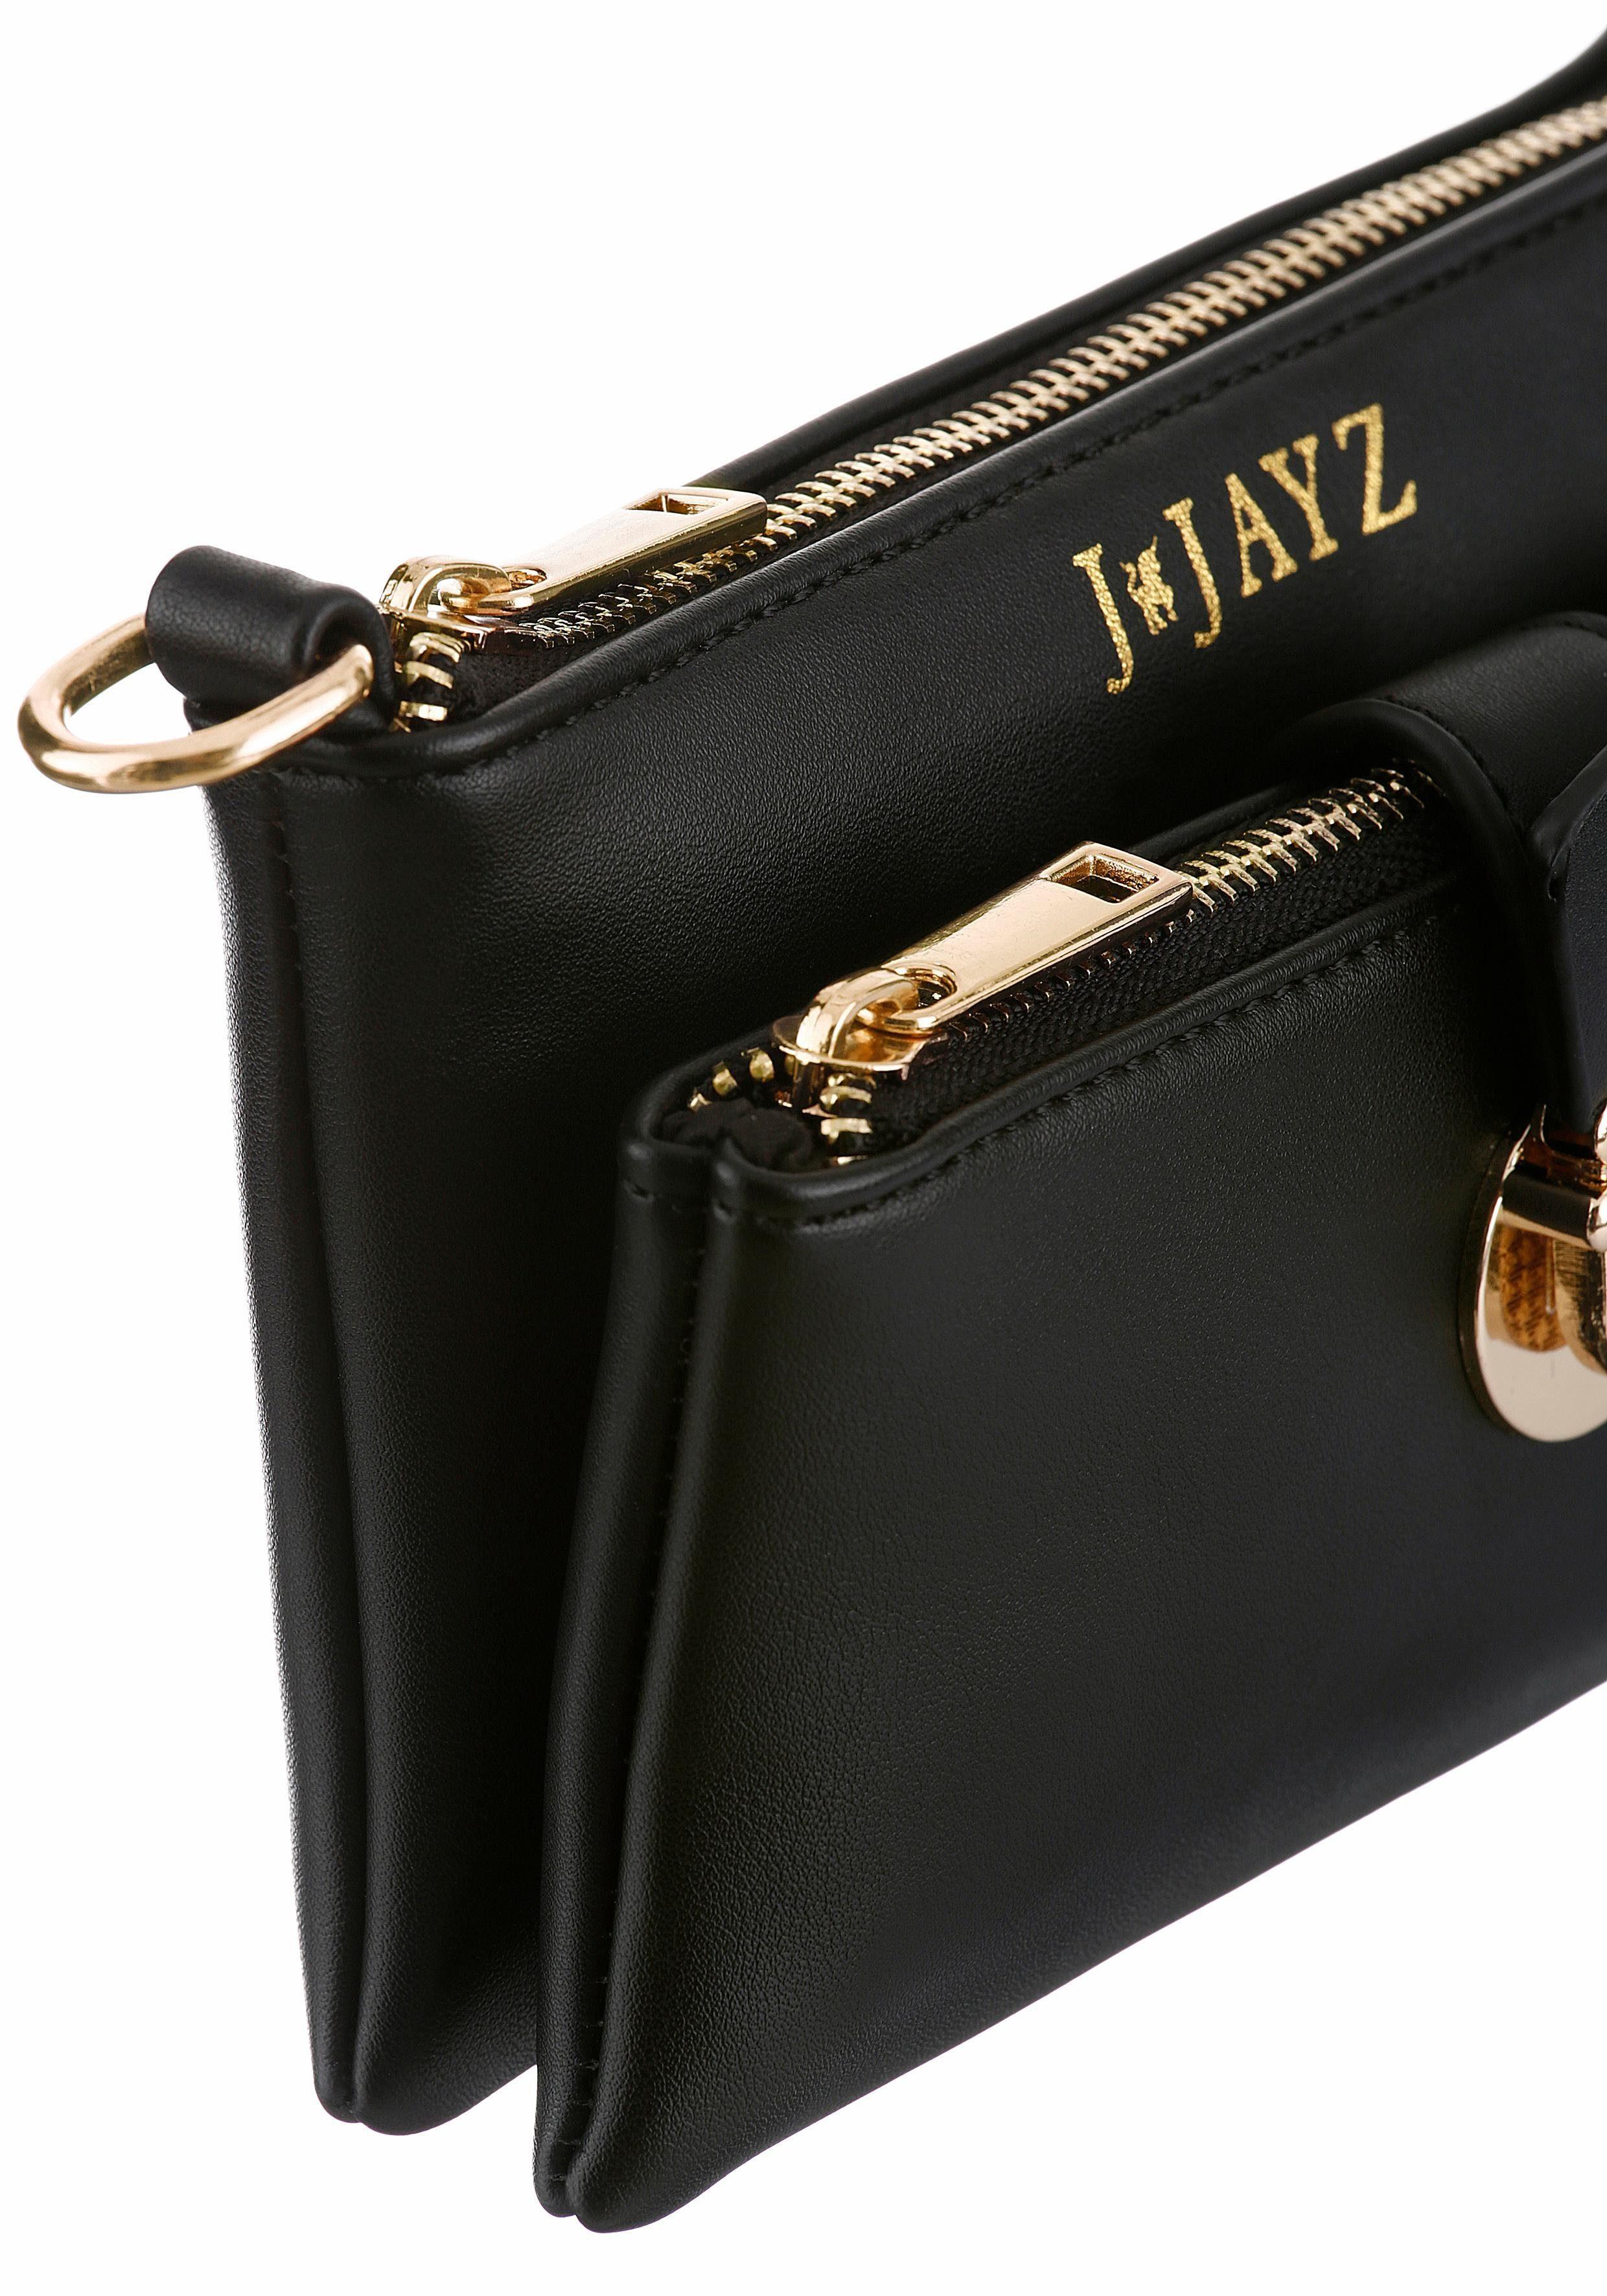 Mit Deteails Goldfarbenen Bag jayz Mini J twnX7Fq7